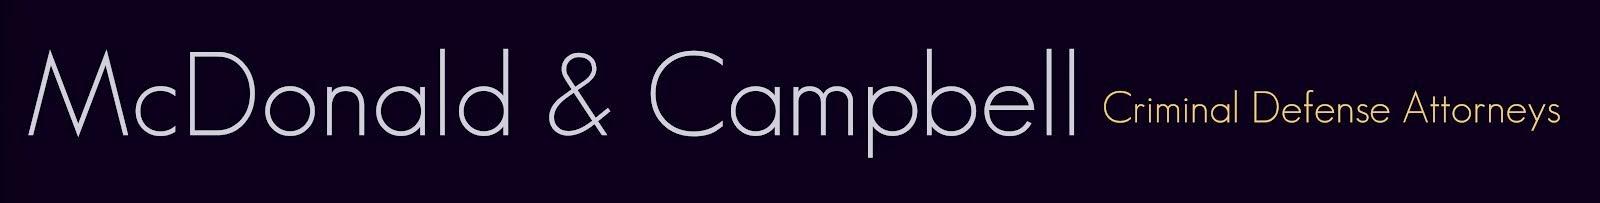 McDonald & Campbell